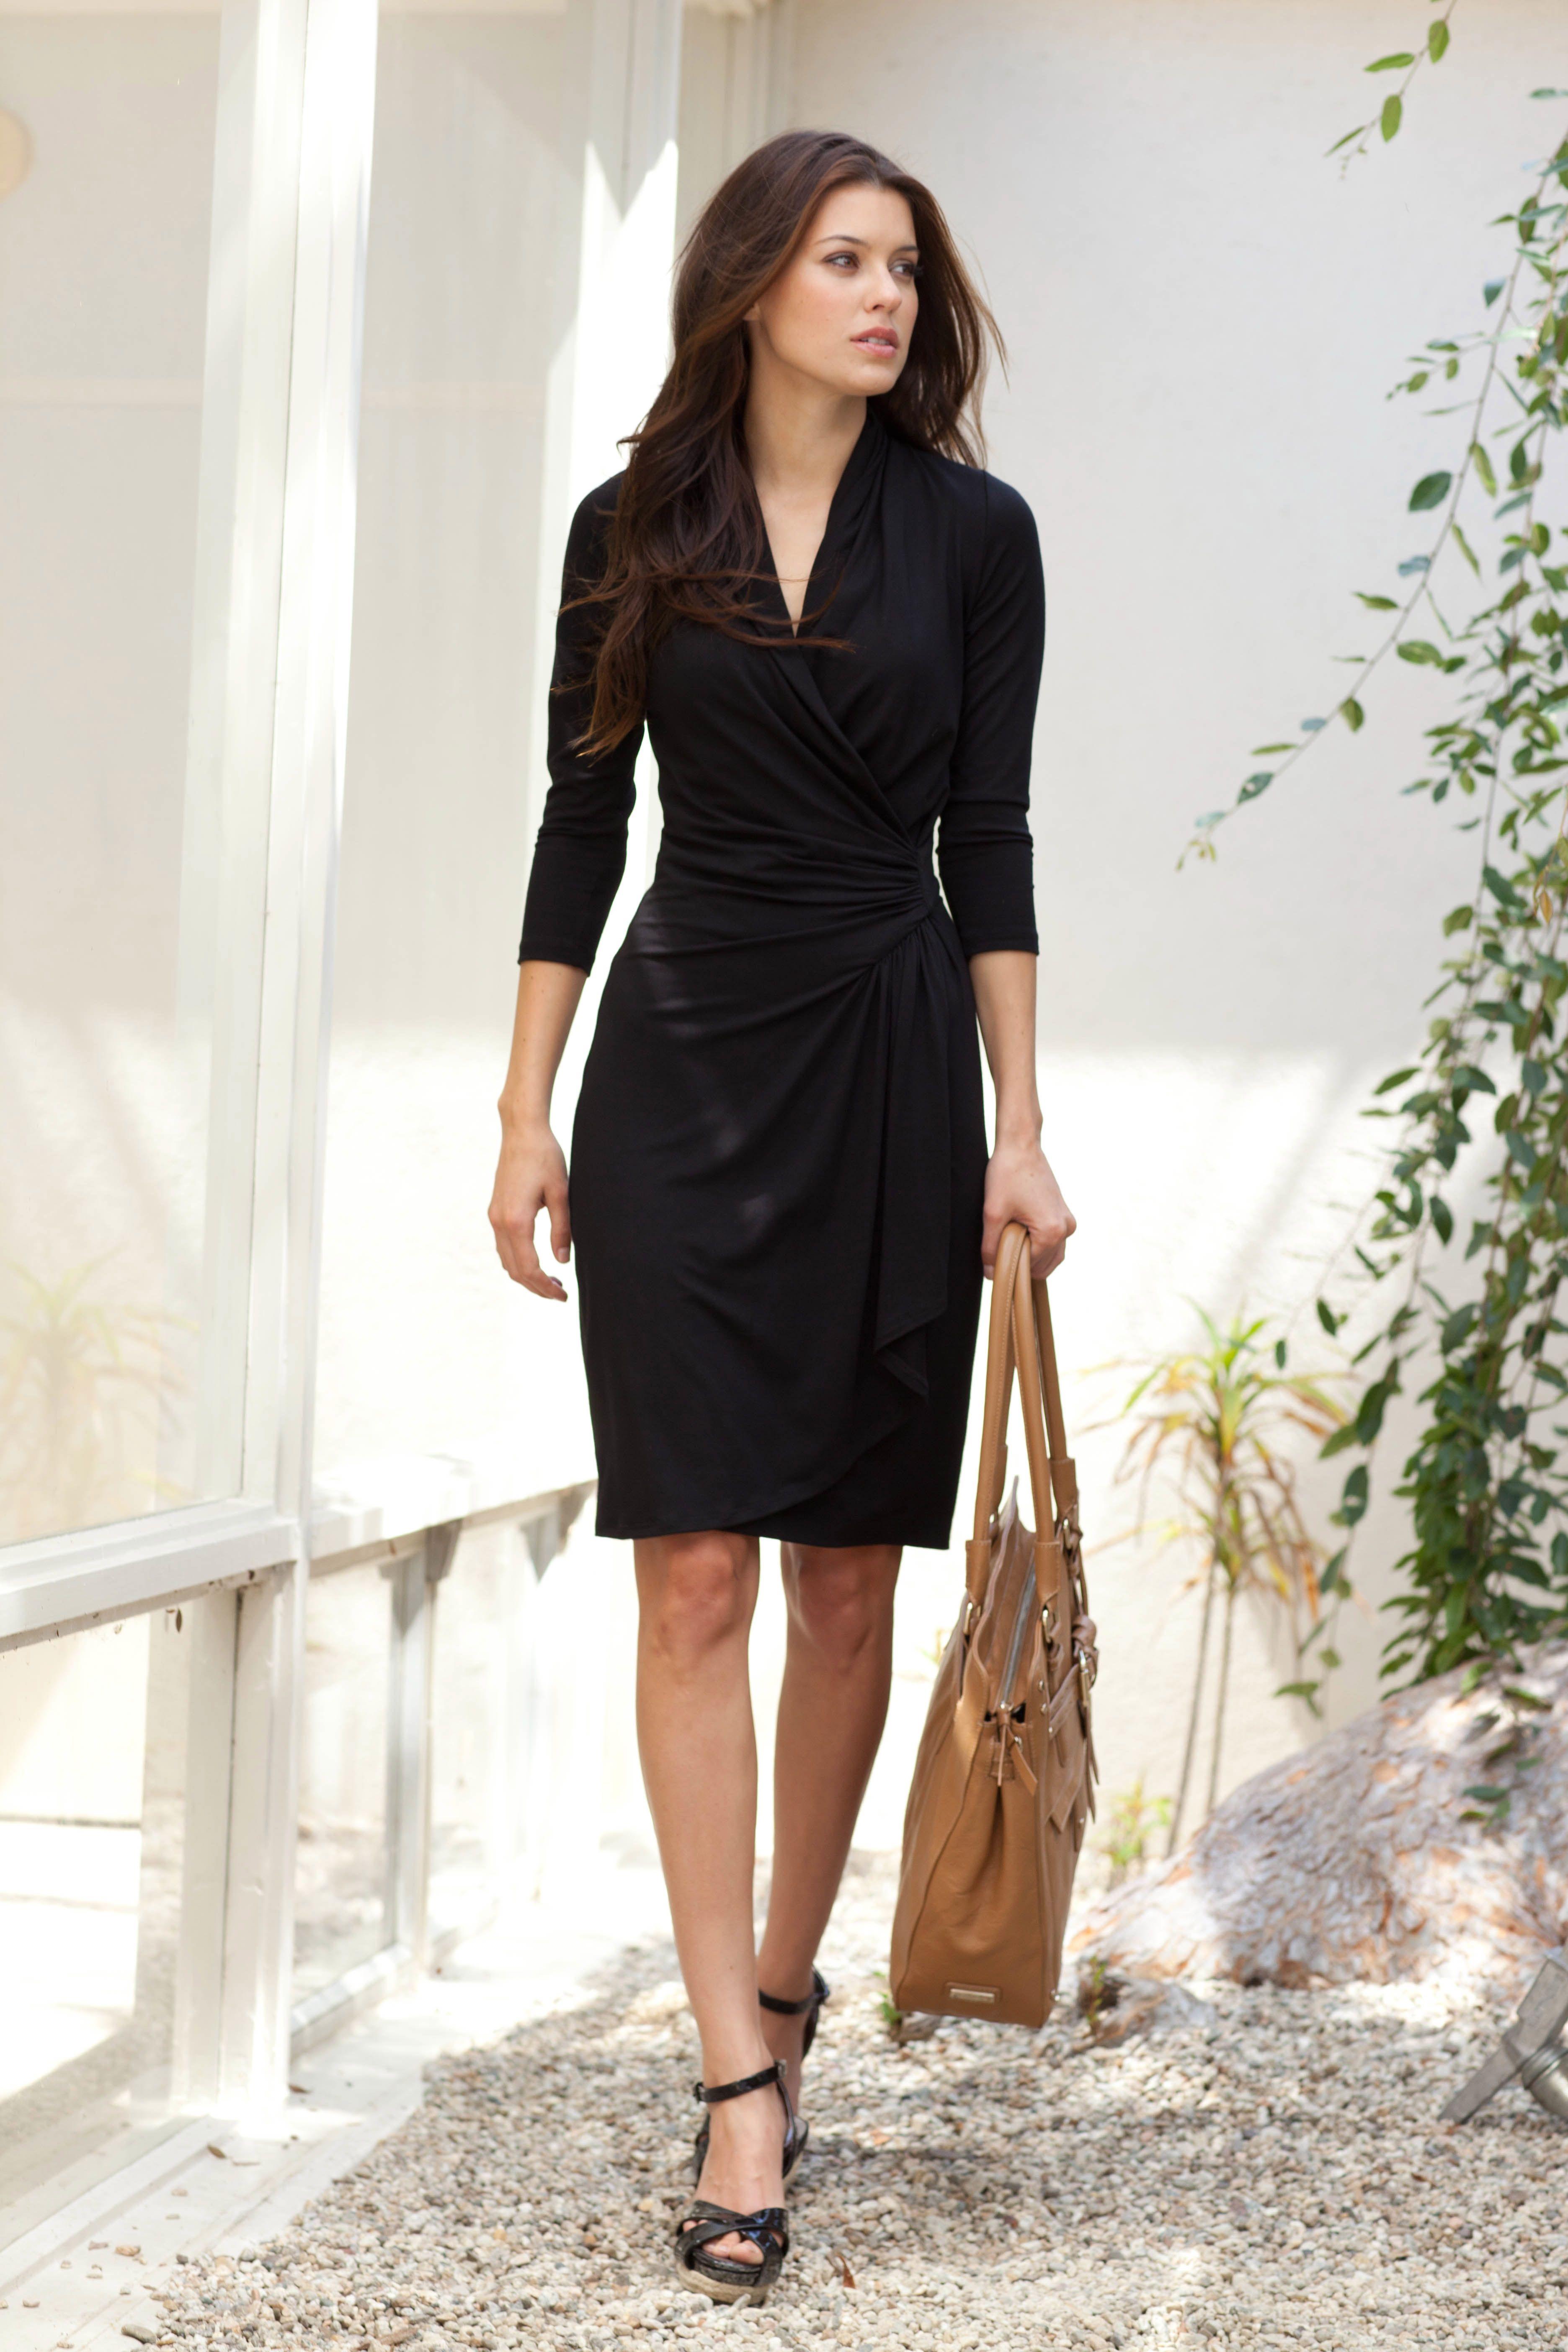 Cascade Wrap Dress Fashion Style Dresses [ 5616 x 3744 Pixel ]